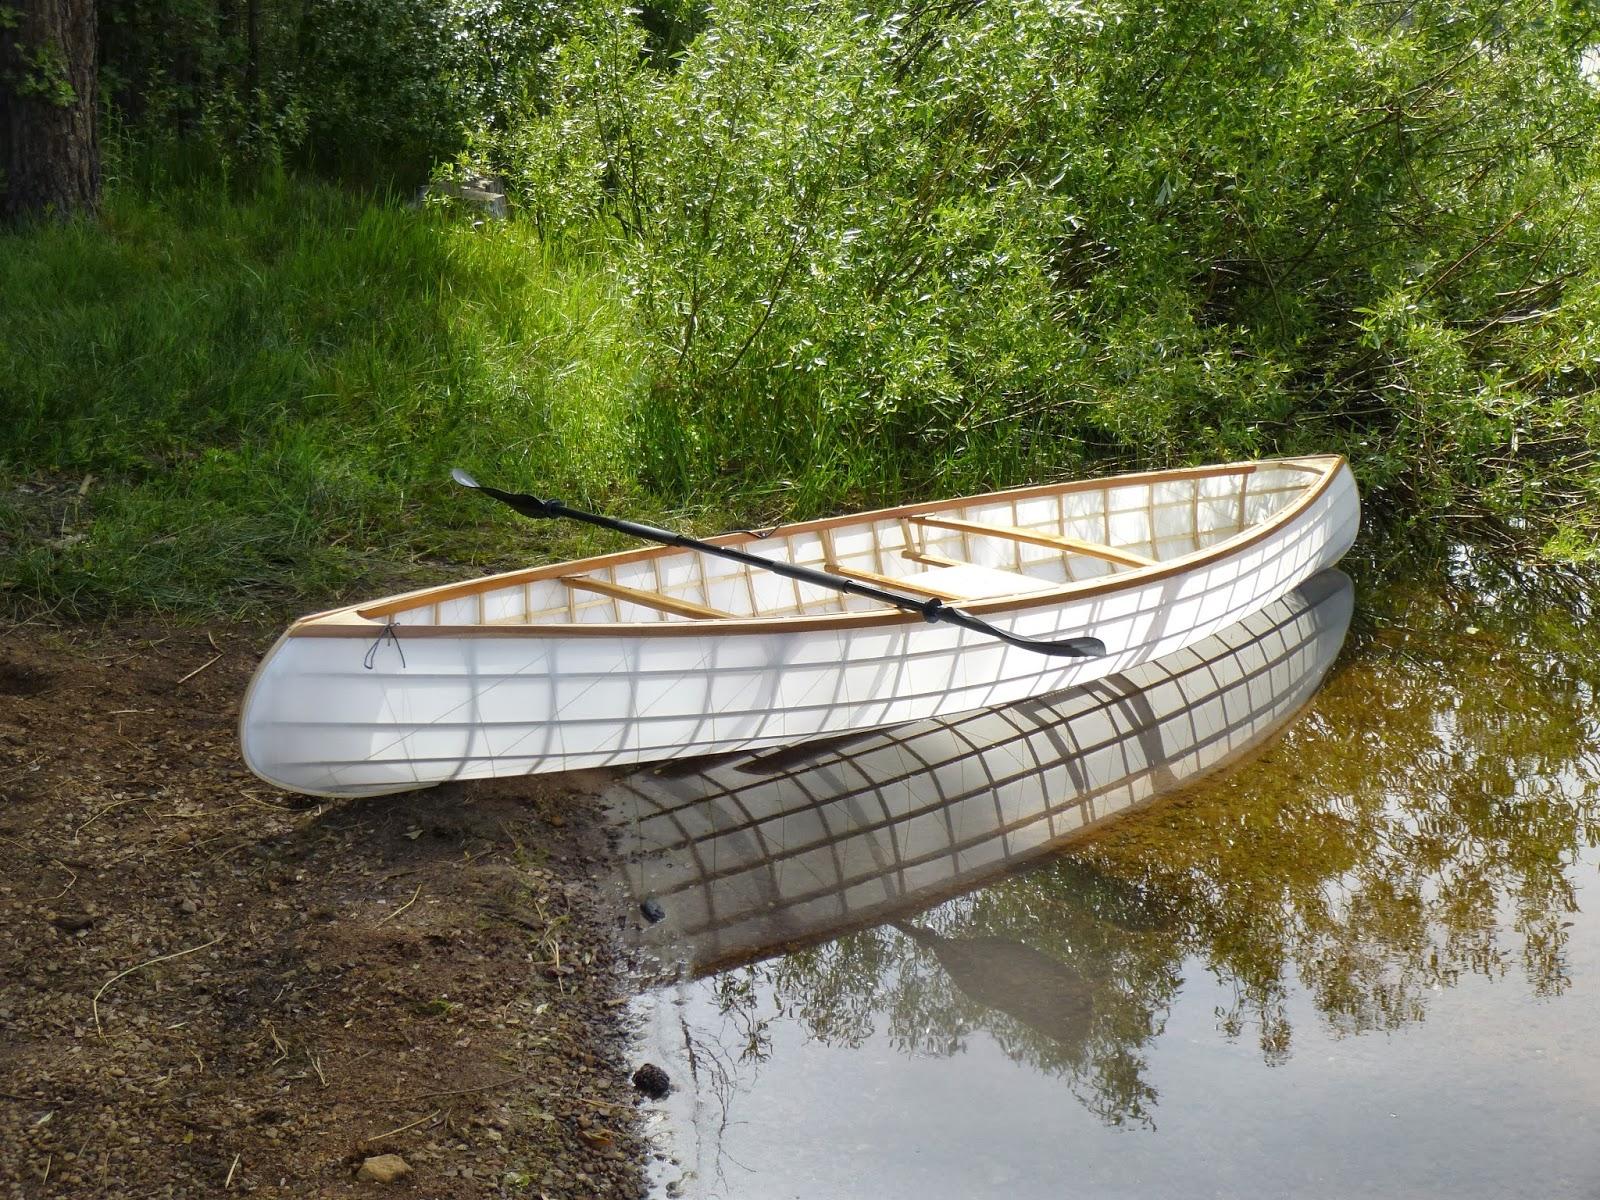 My Skin on Frame Canoe: How I Built My Skin On Frame Canoe